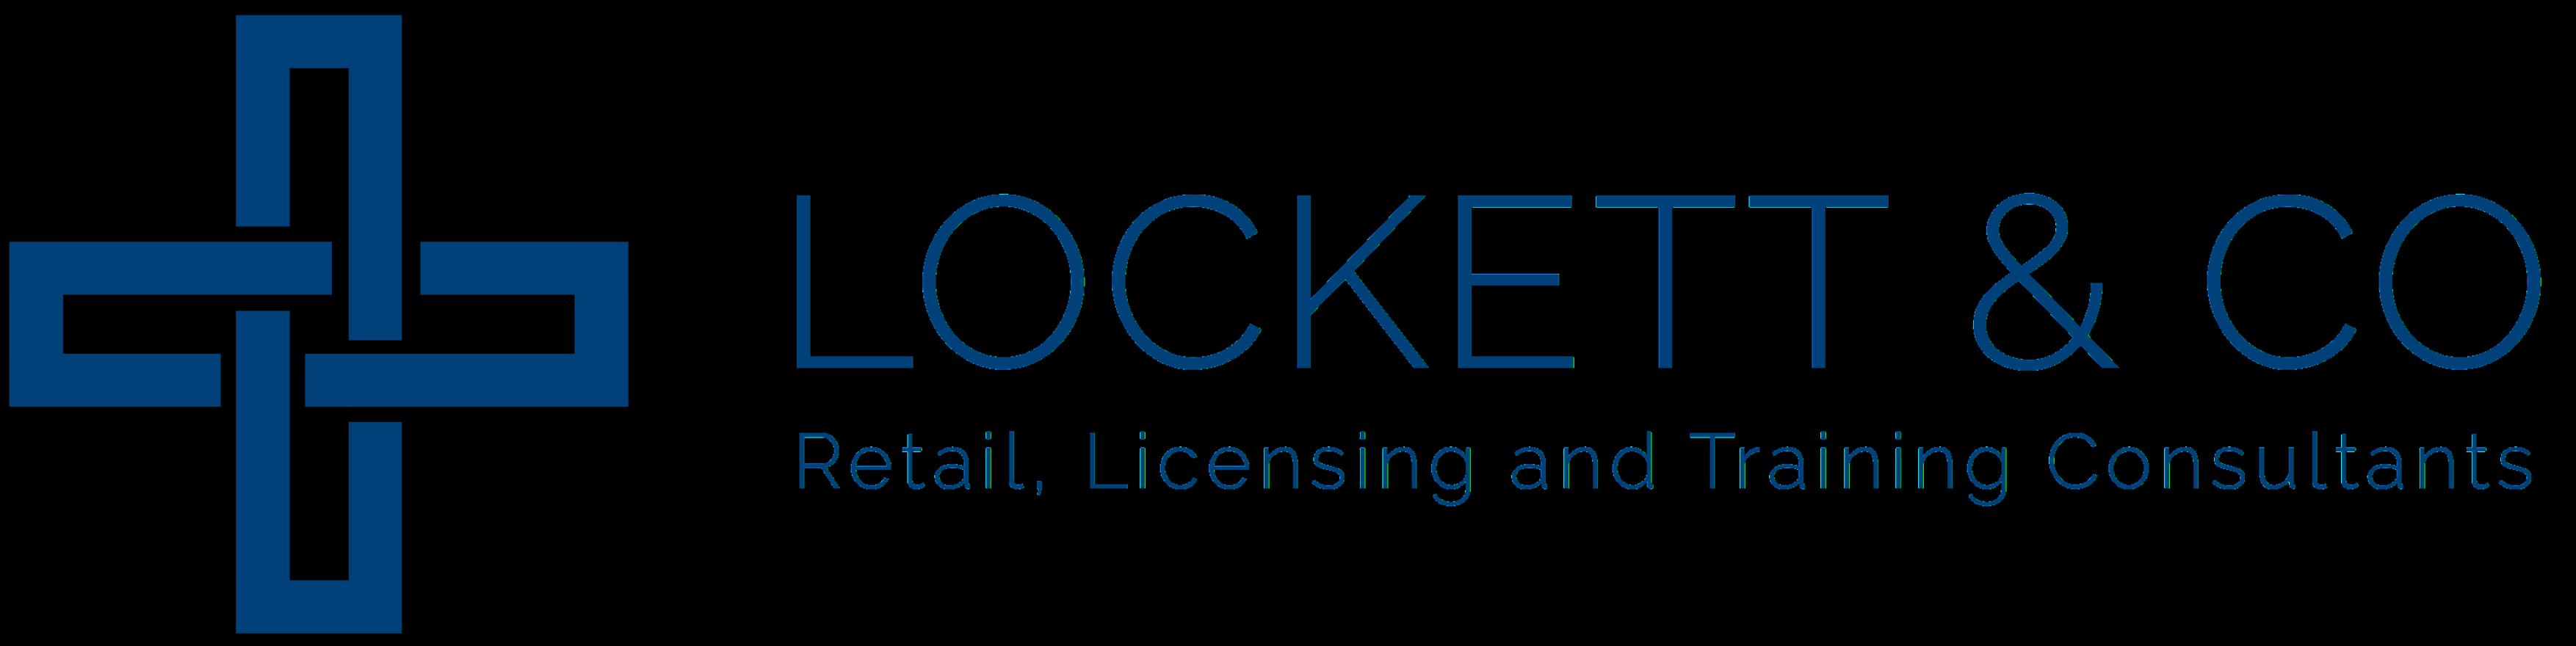 Lockett & Co Logo 2020